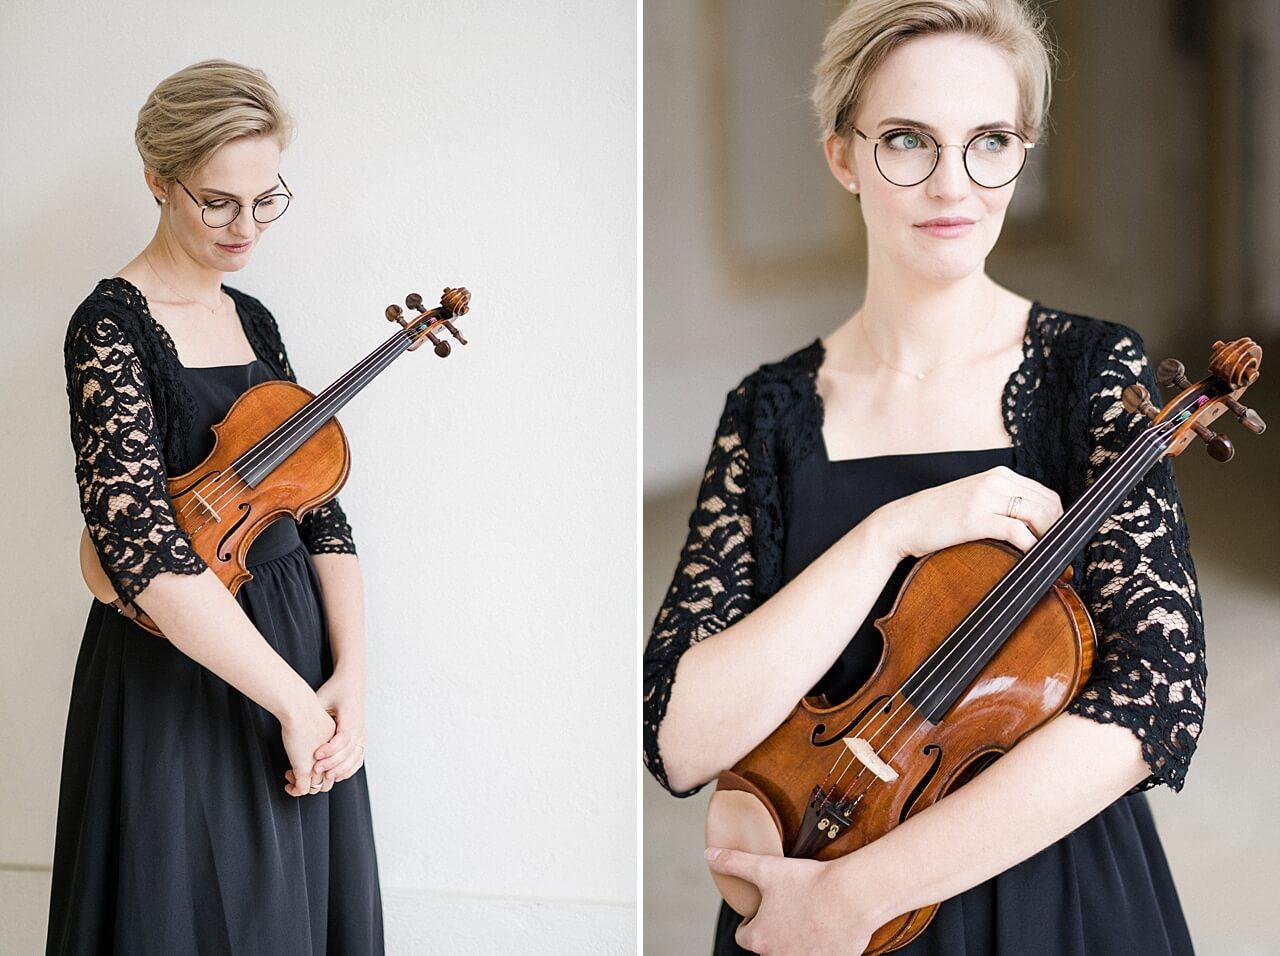 Rebecca Conte Fotografie: Musikerportraits mit Violine 07